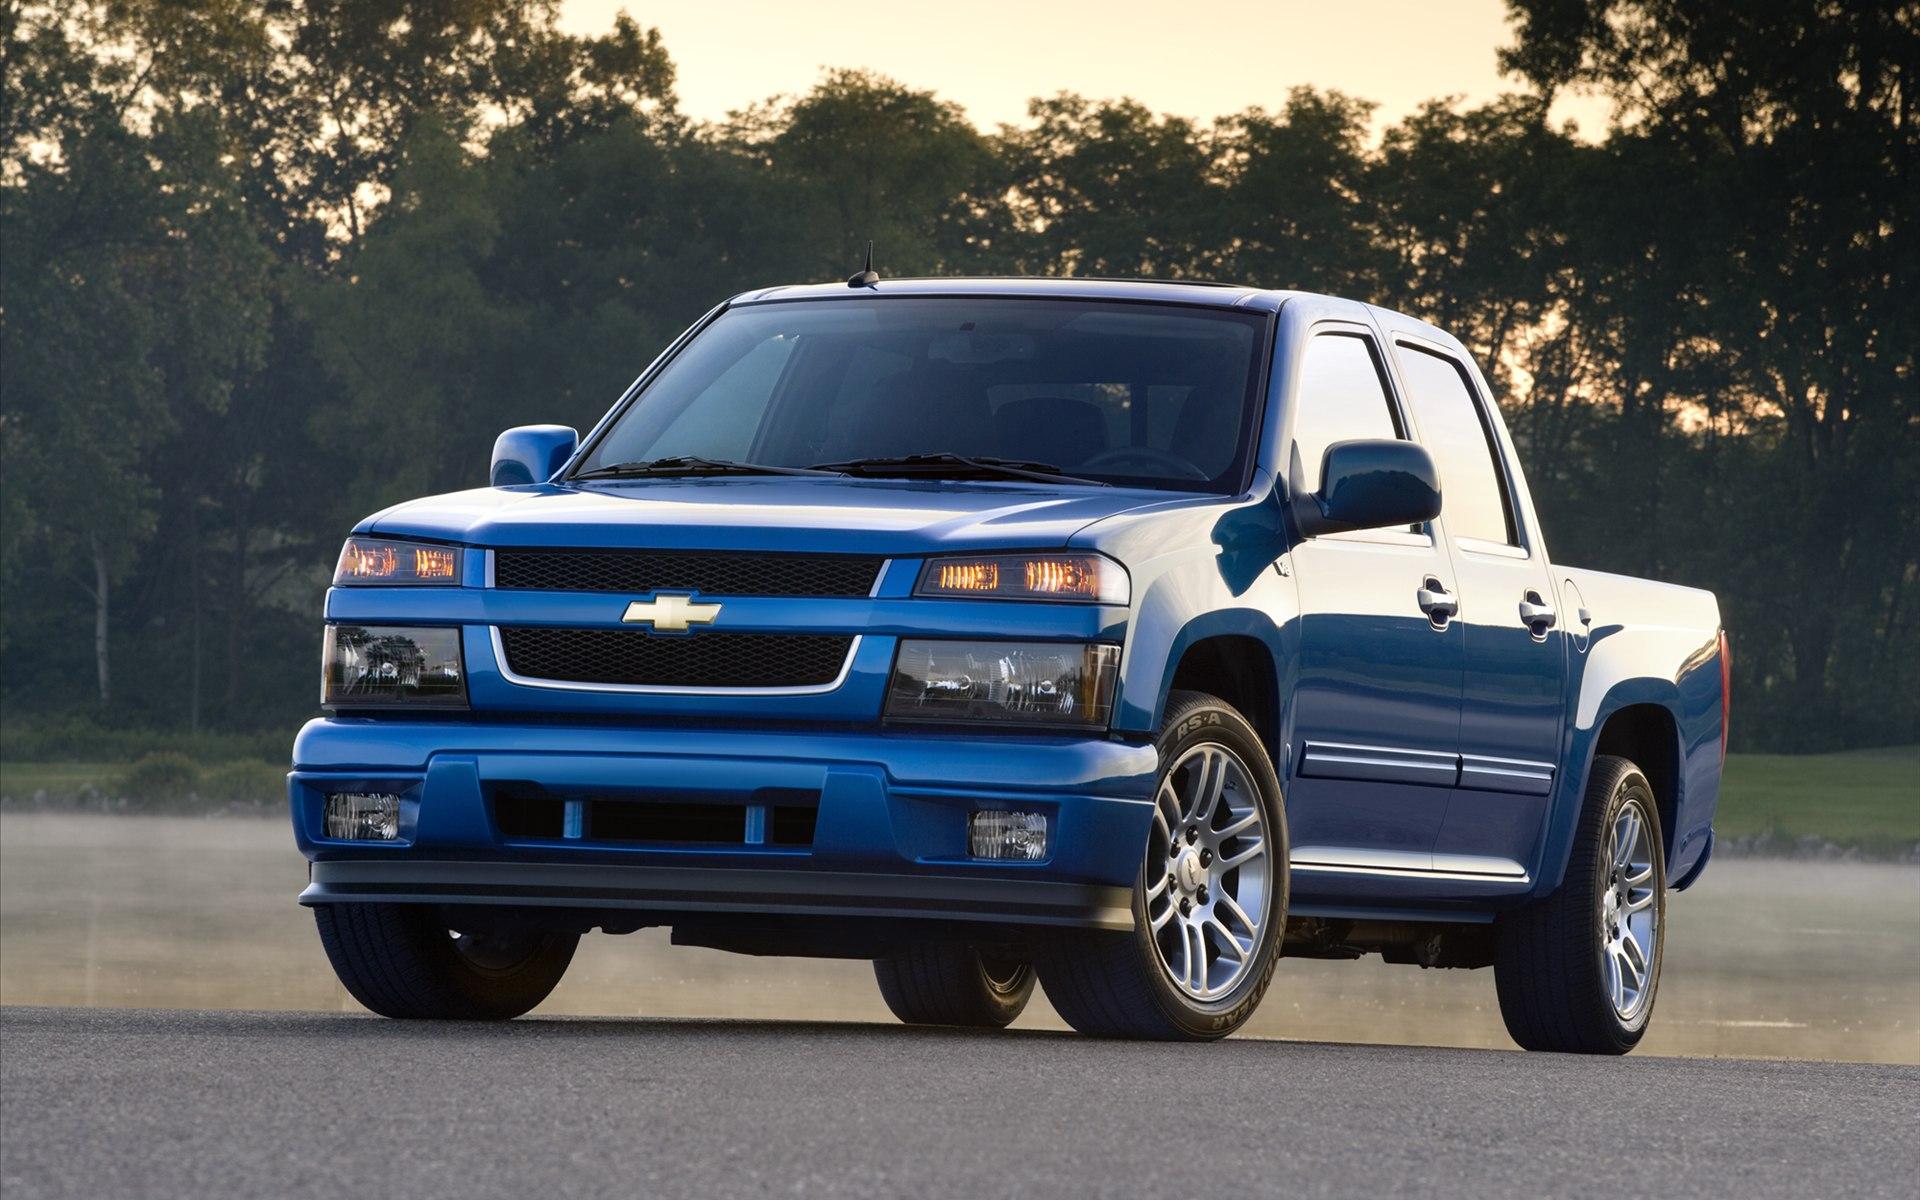 Chevrolet Colorado Blue Wallpapers